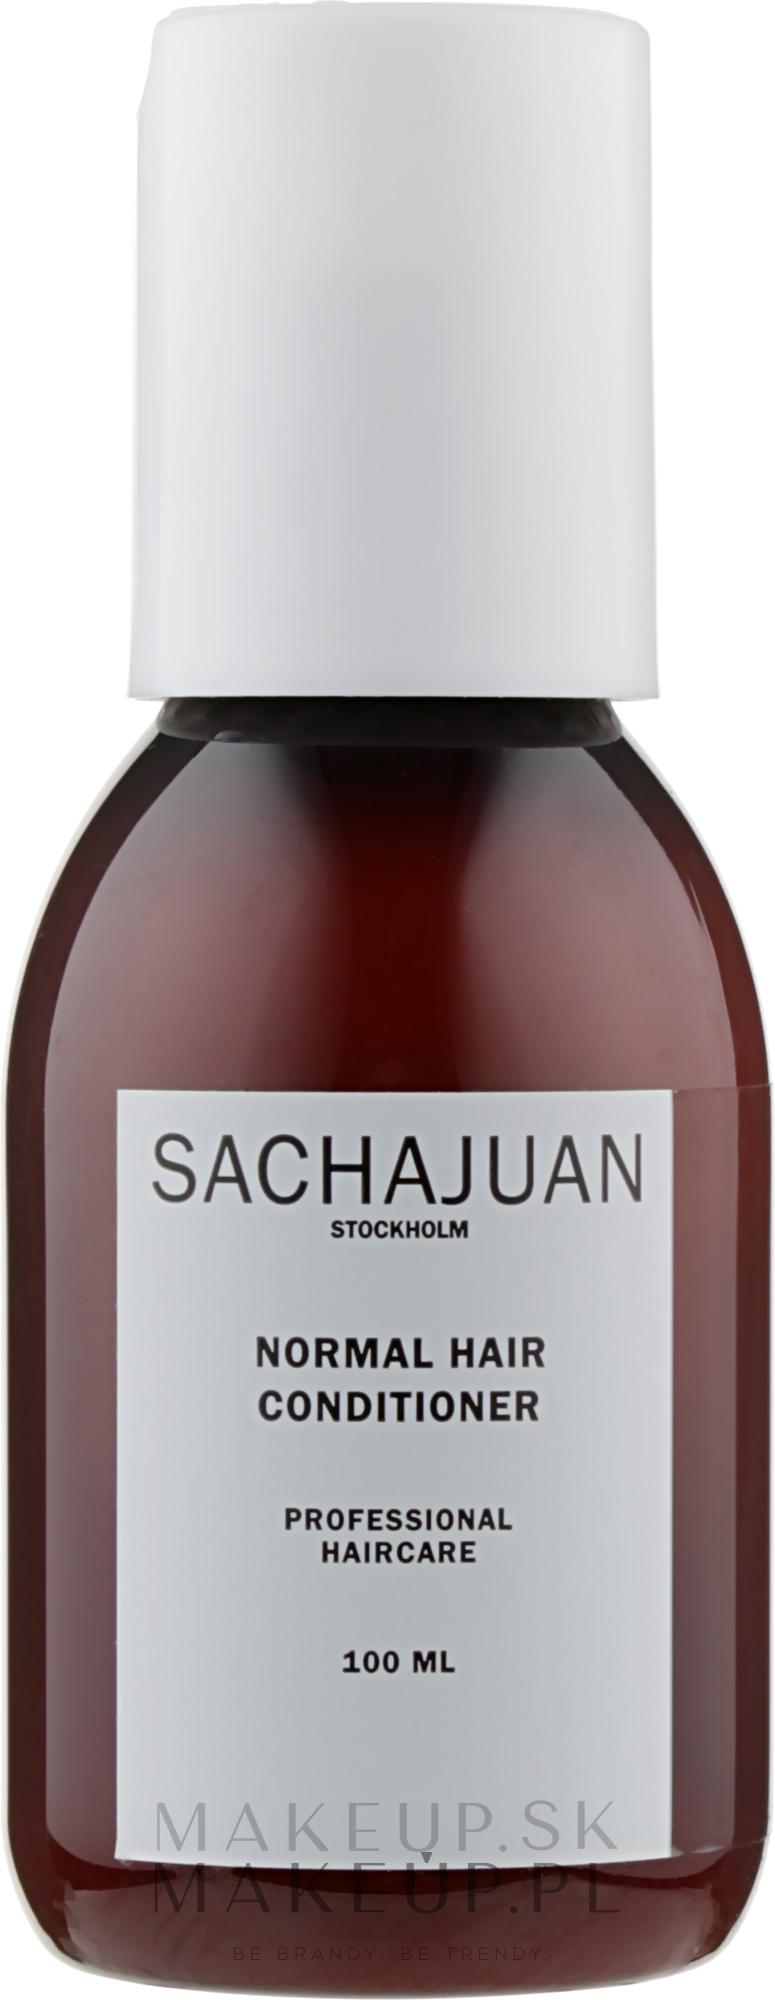 Kondicionér pre ľahké rozčesávanie a lesk pre normálne vlasy - Sachajuan Normal Hair Conditioner — Obrázky 100 ml